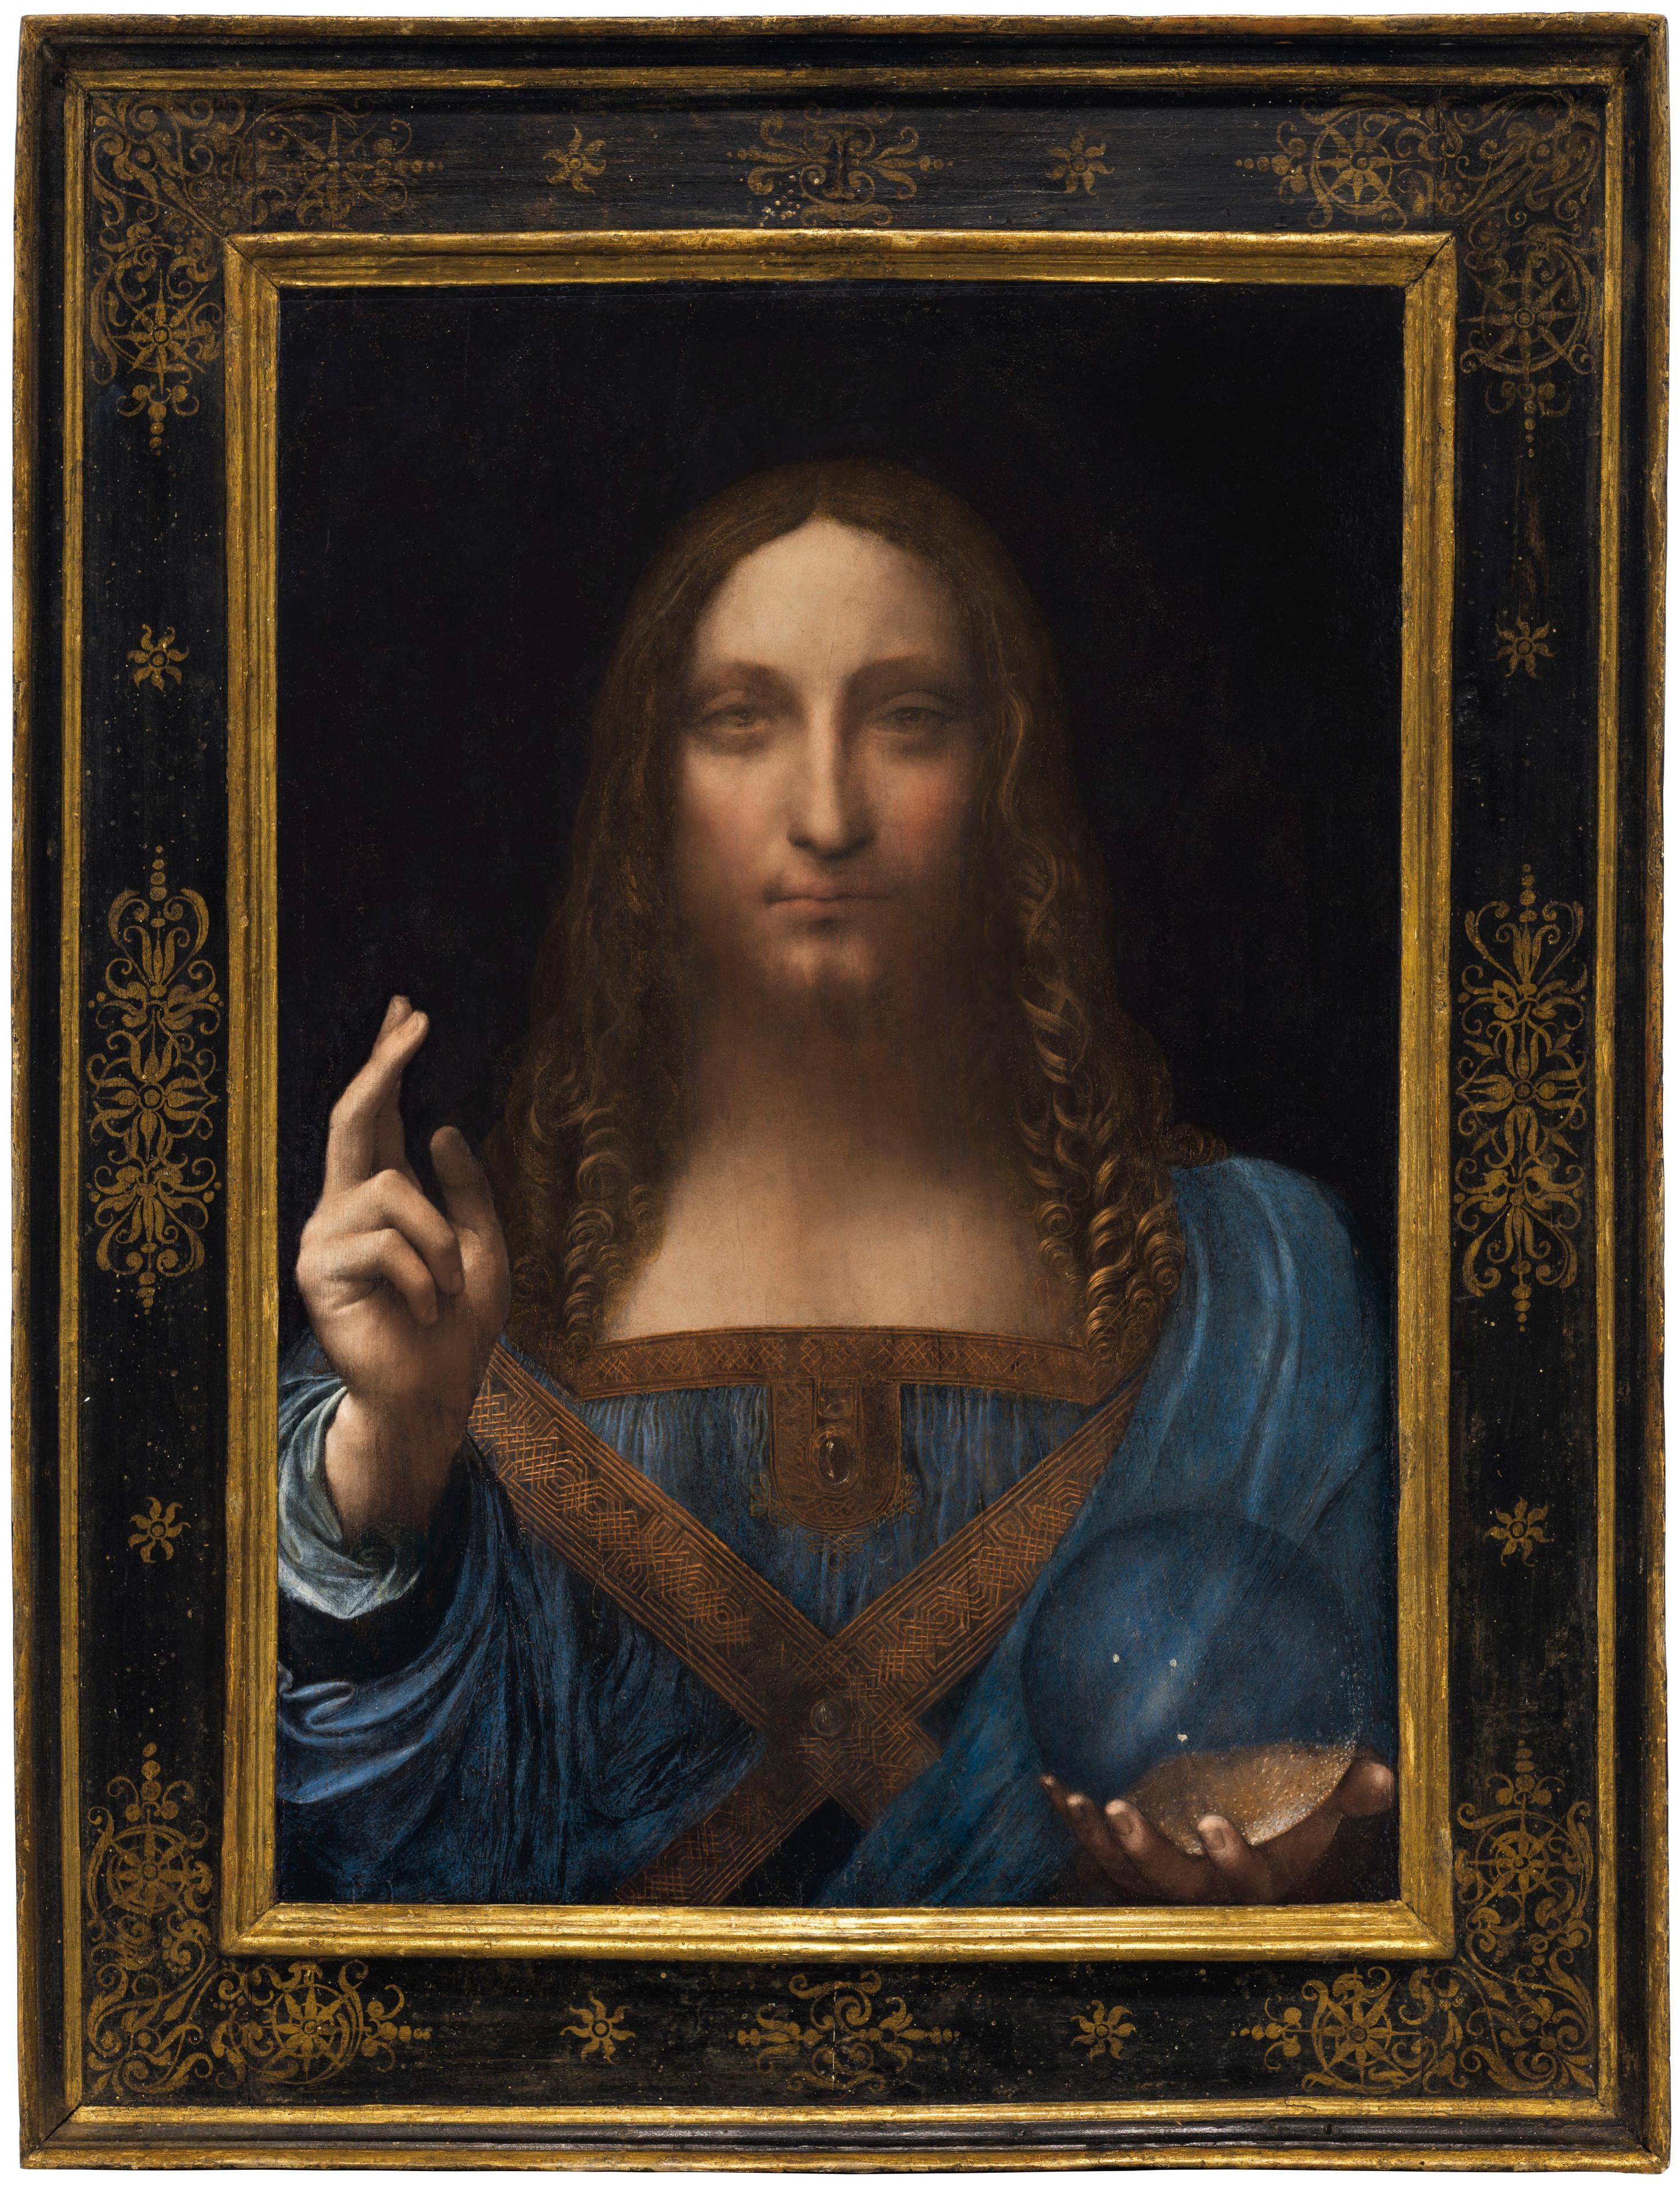 لوحة, سالفاتور موندي, ليوناردو دافنشي, فنون قديمة